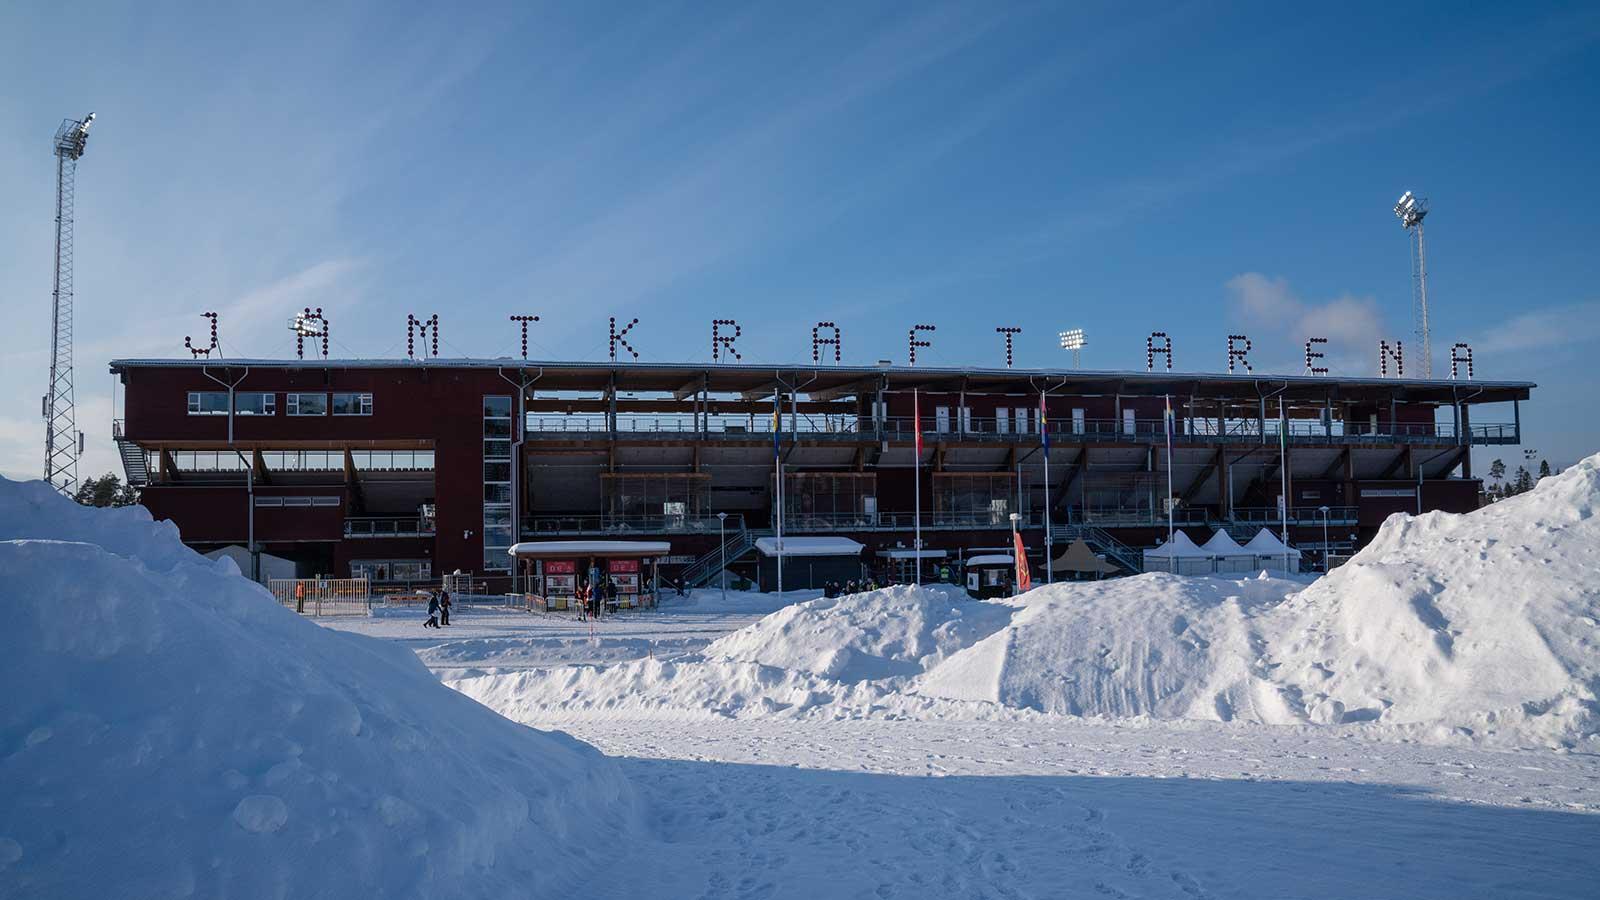 180311 Jämtkraft Arena inför fotbollsmatchen i Svenska Cupen mellan Östersund och GAIS den 11 mars 2018 i Östersund.